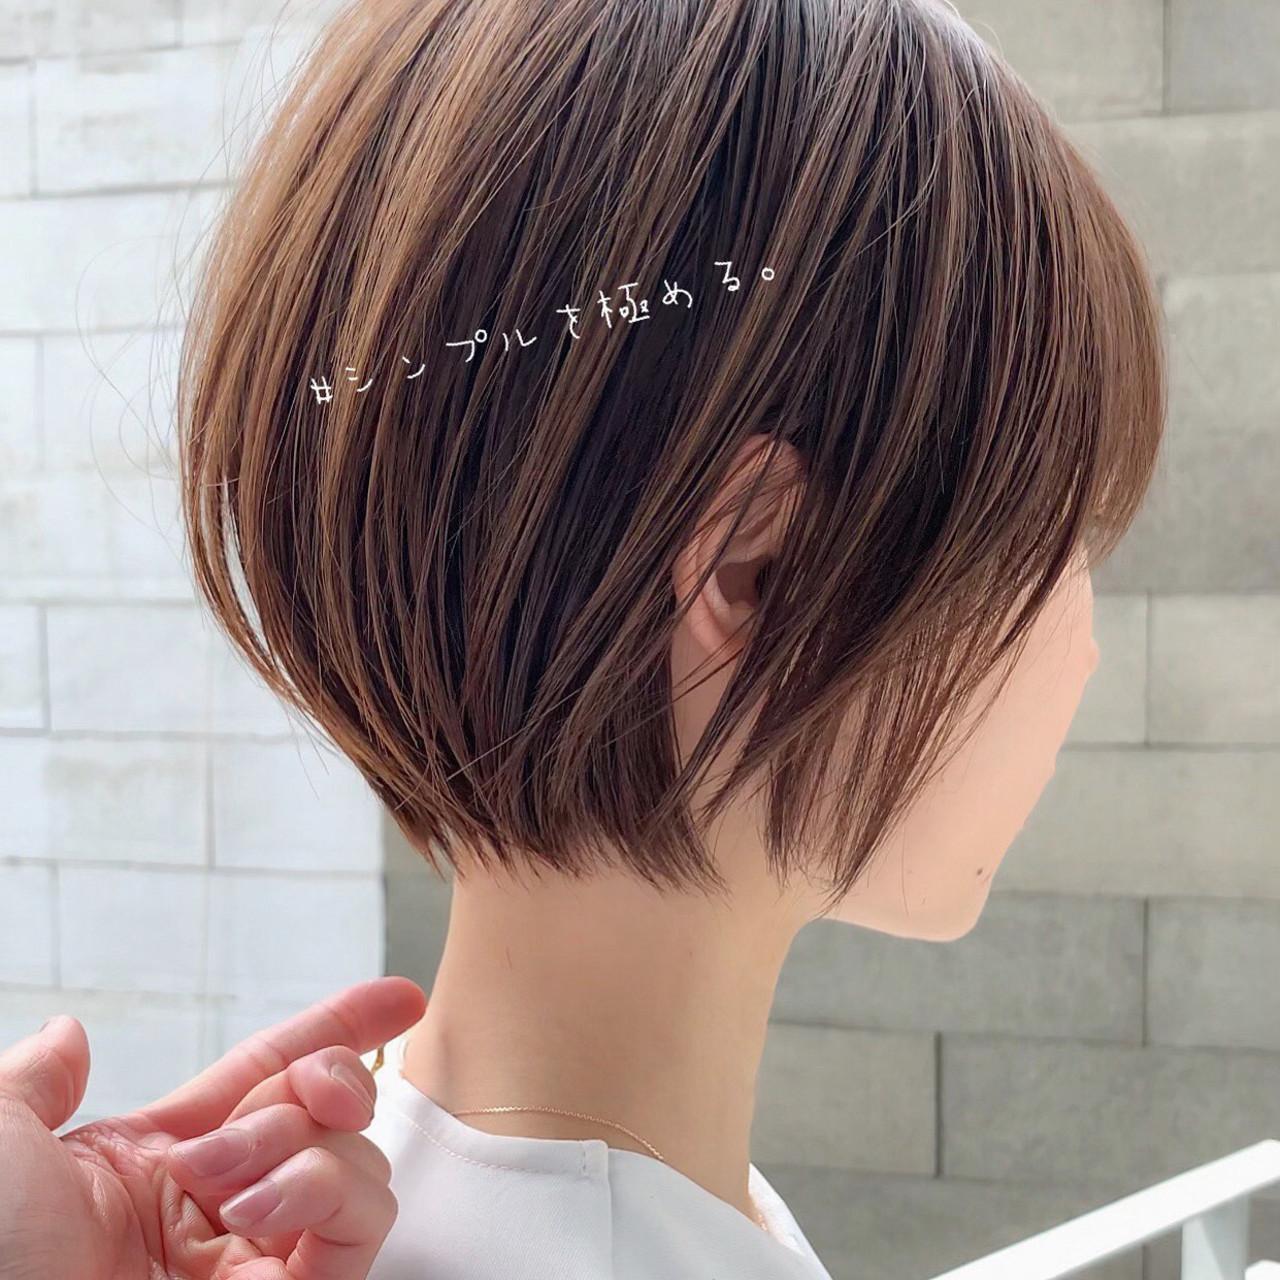 ナチュラル ショートボブ インナーカラー ショート ヘアスタイルや髪型の写真・画像